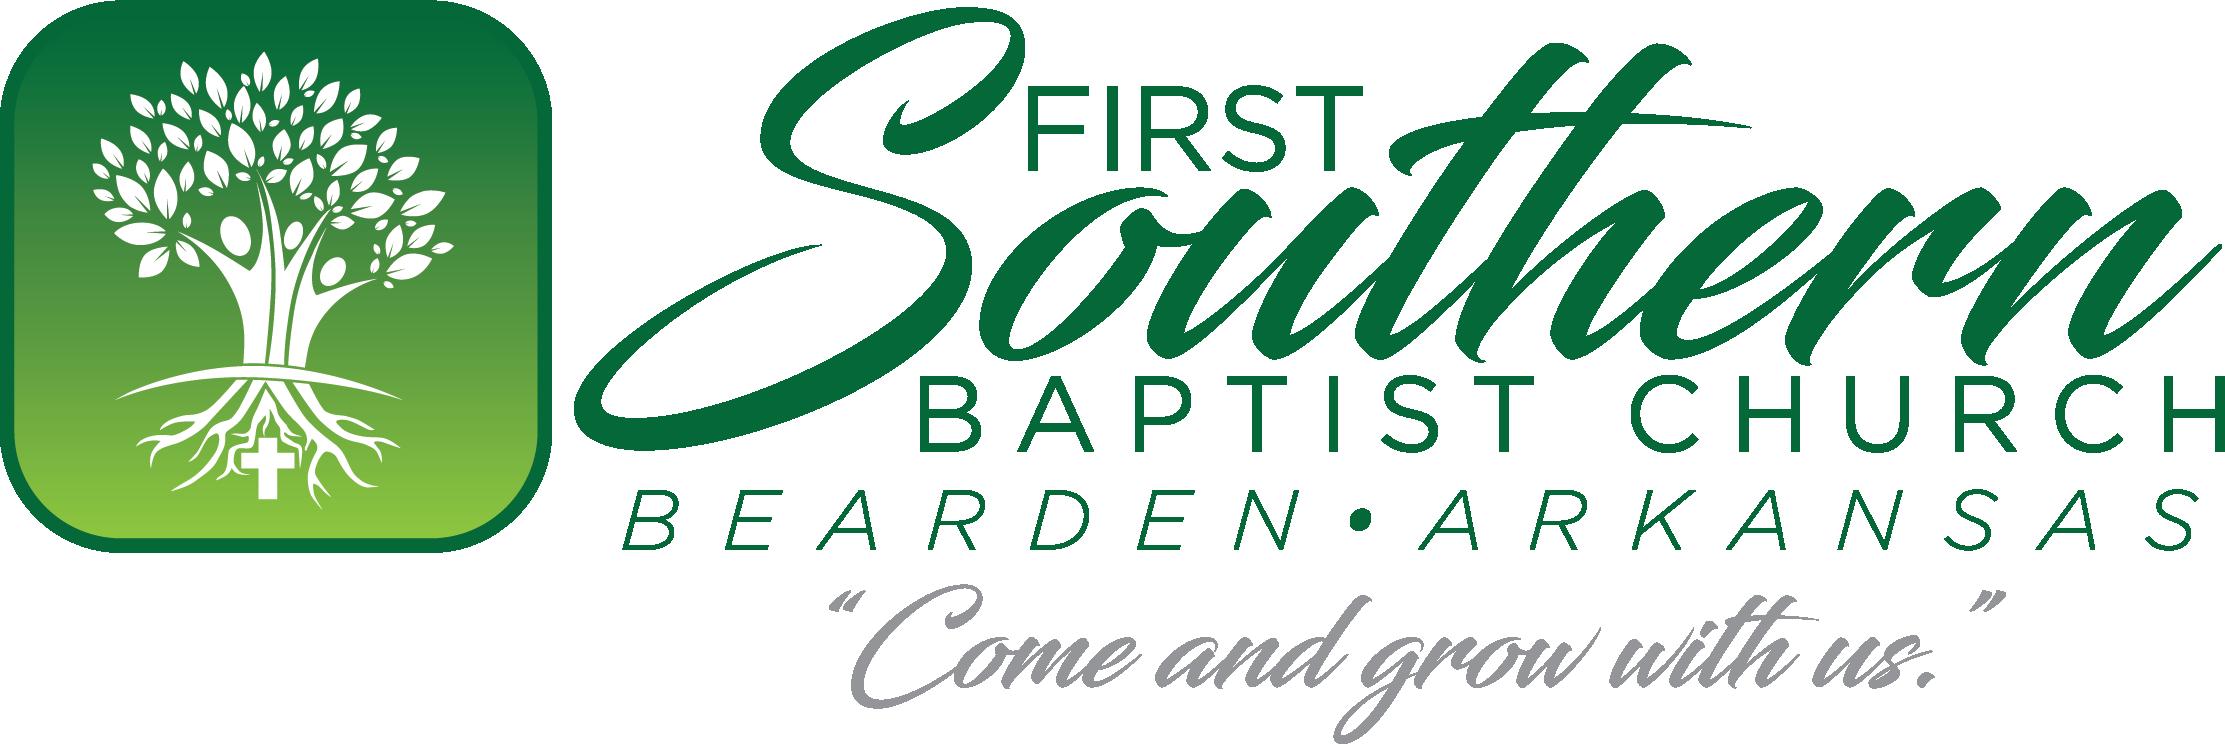 First Southern Baptist Church Bearden